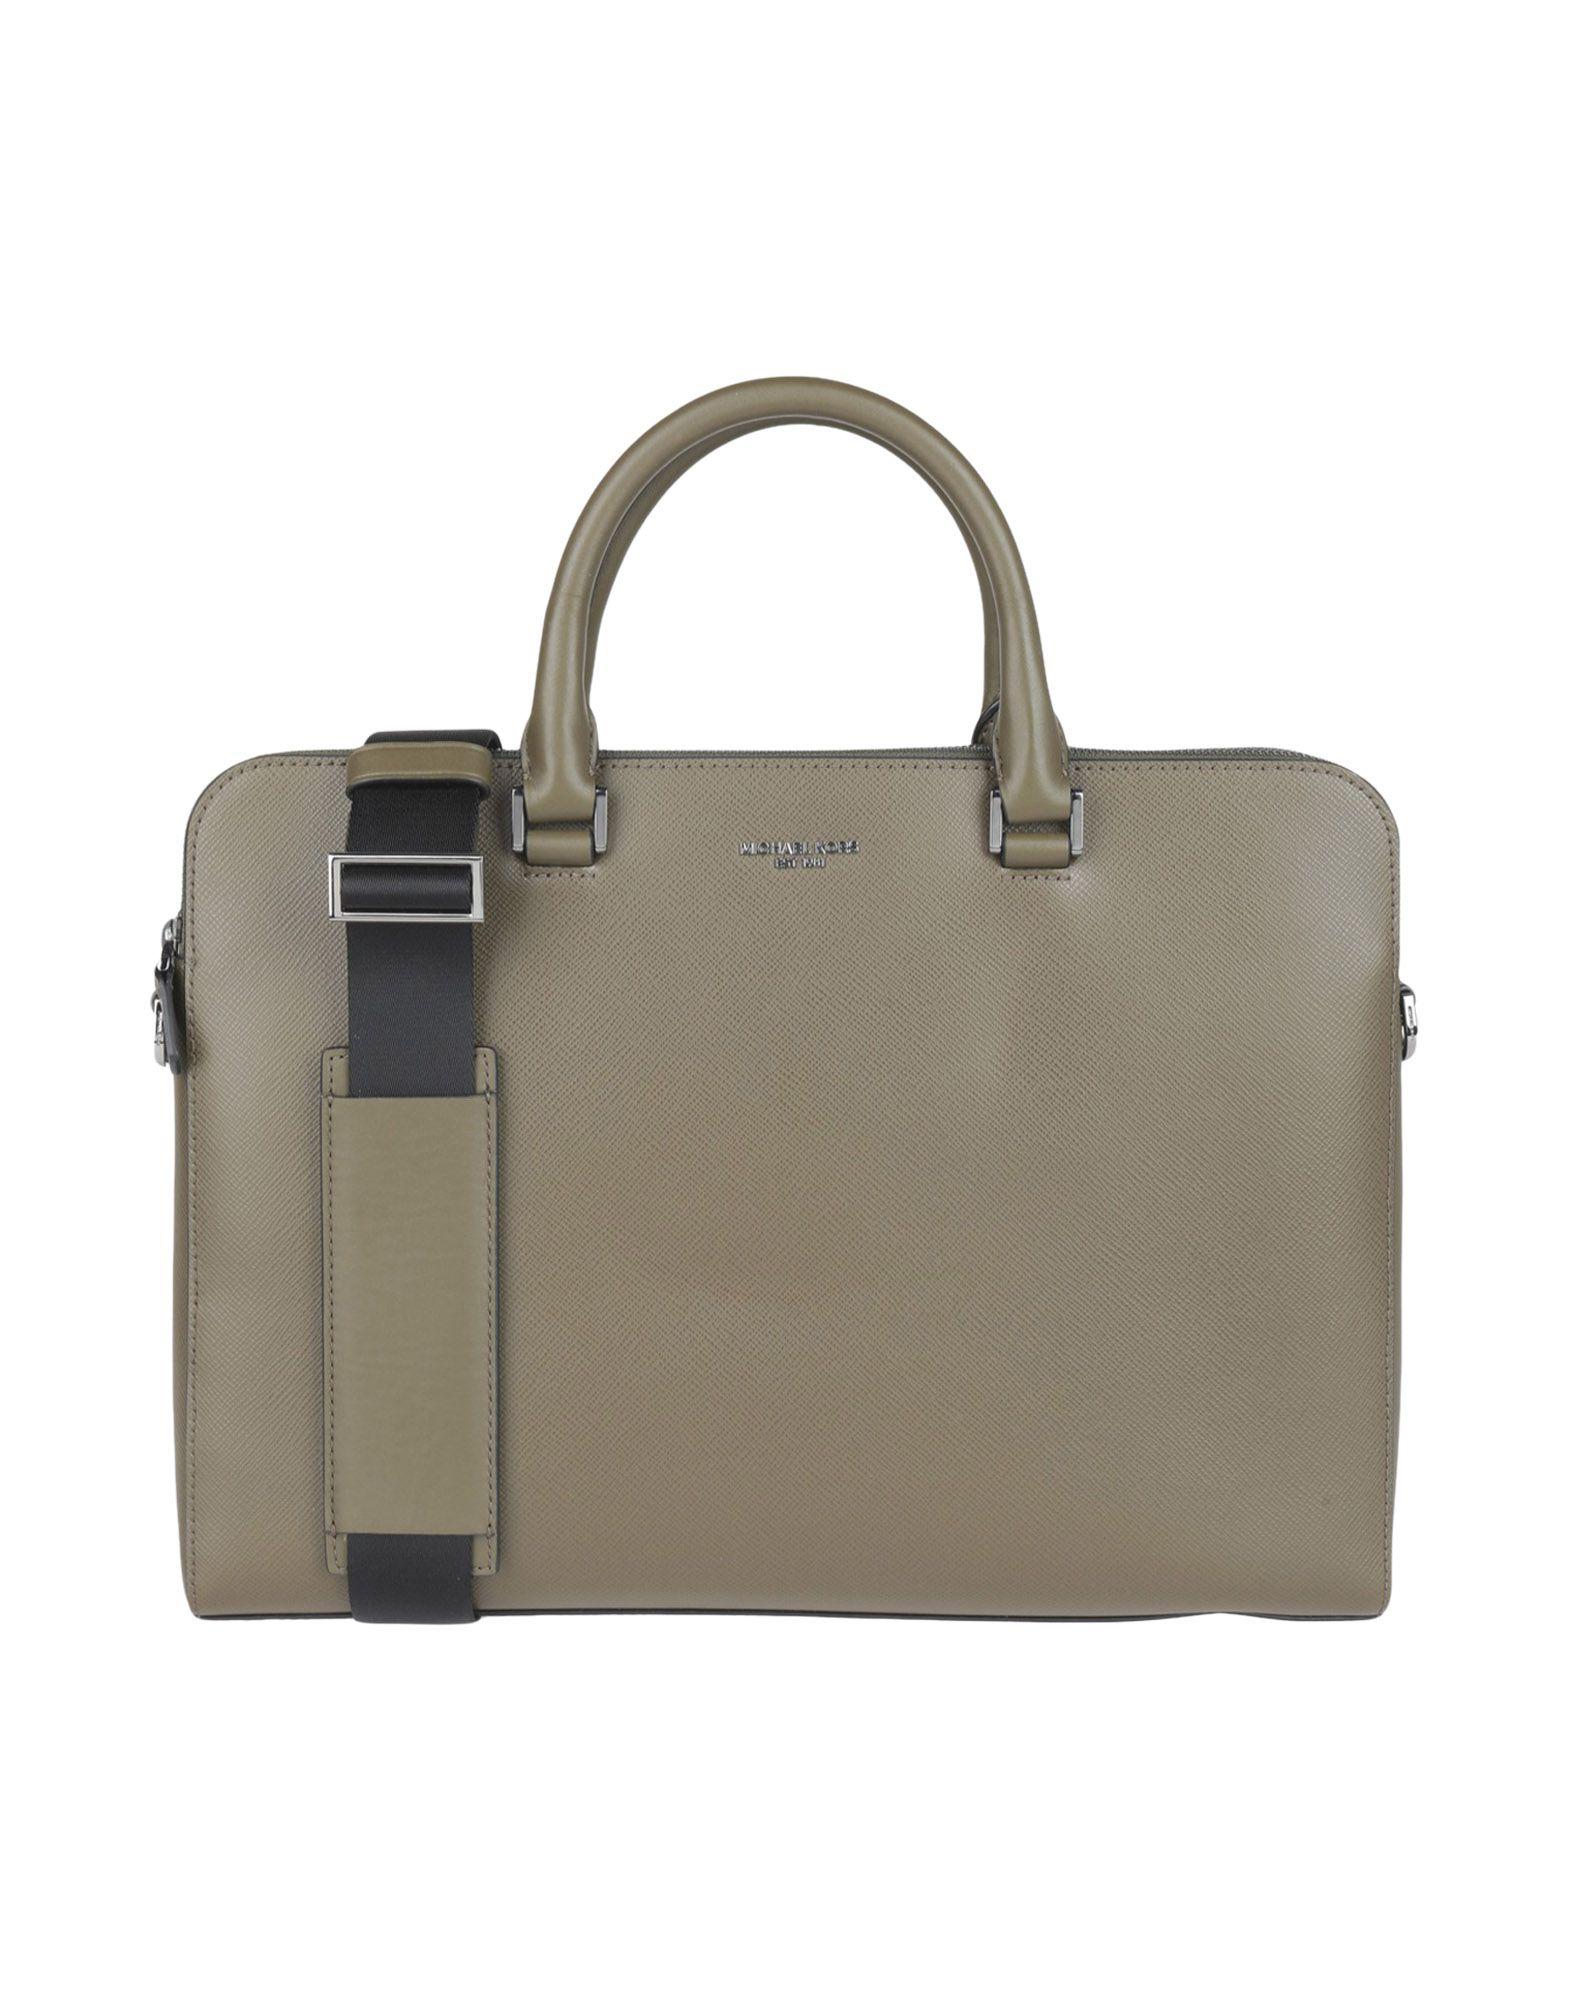 MICHAEL KORS MENS Деловые сумки сумка frija сумки деловые